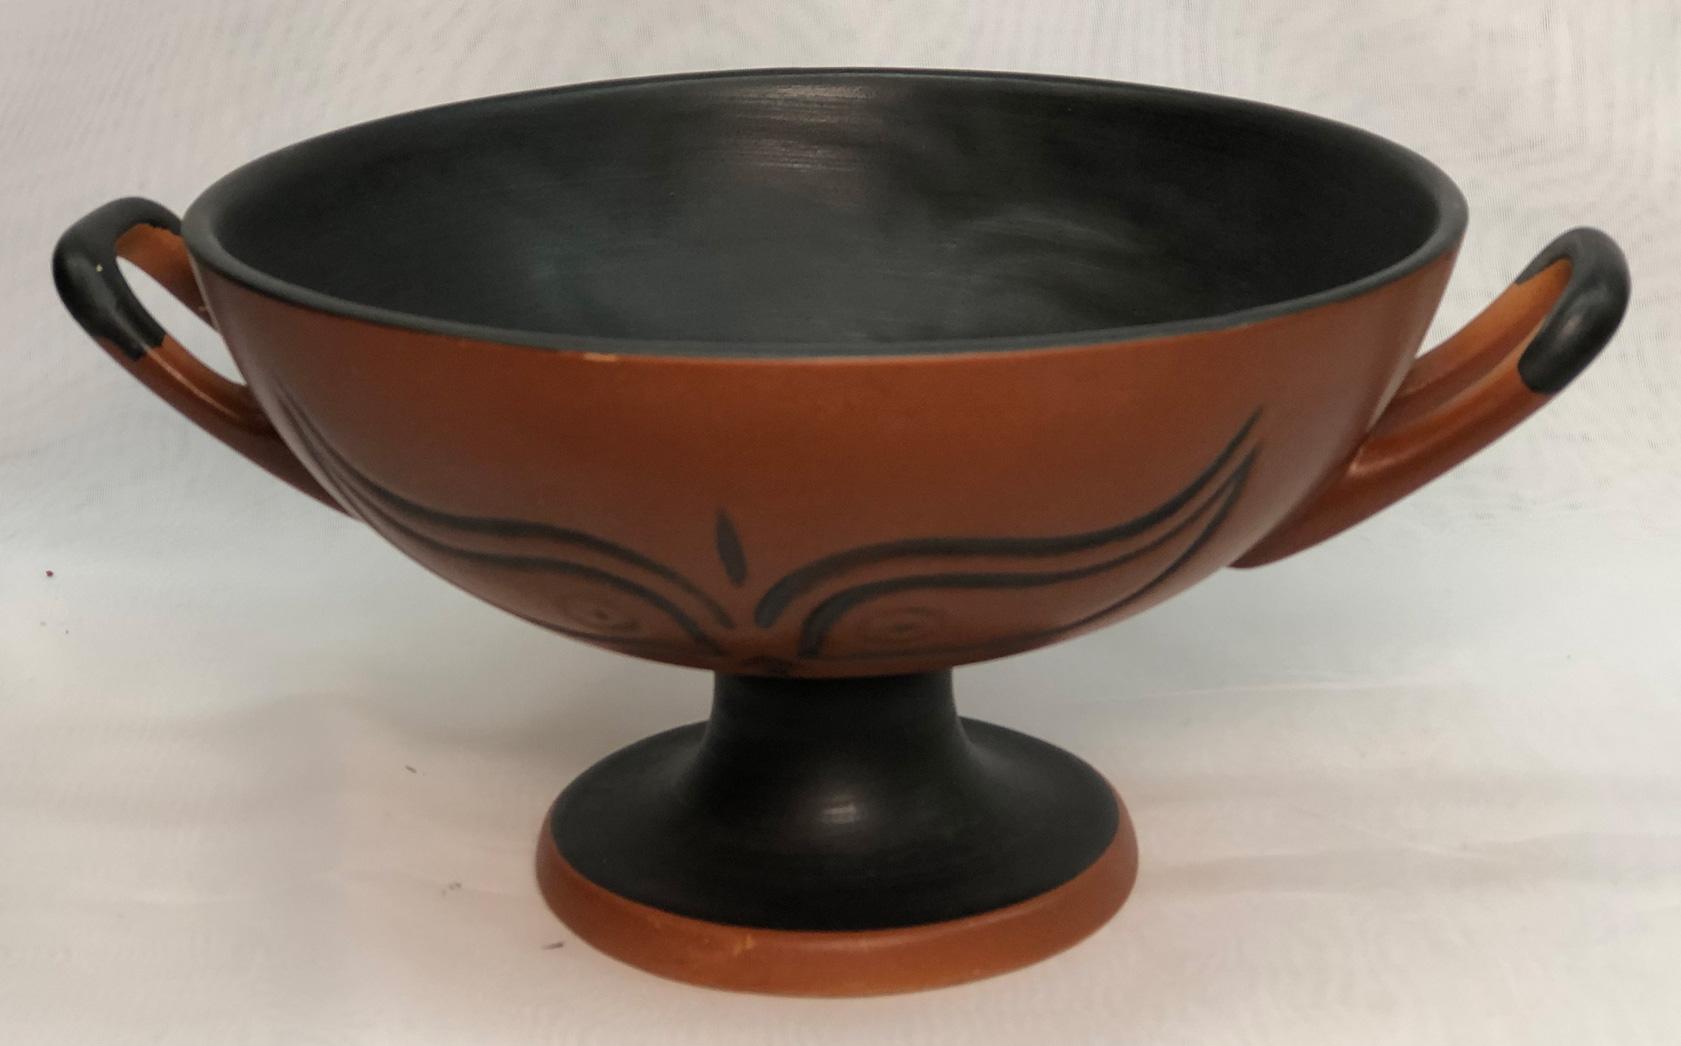 A terra cotta bowl made in Turkey